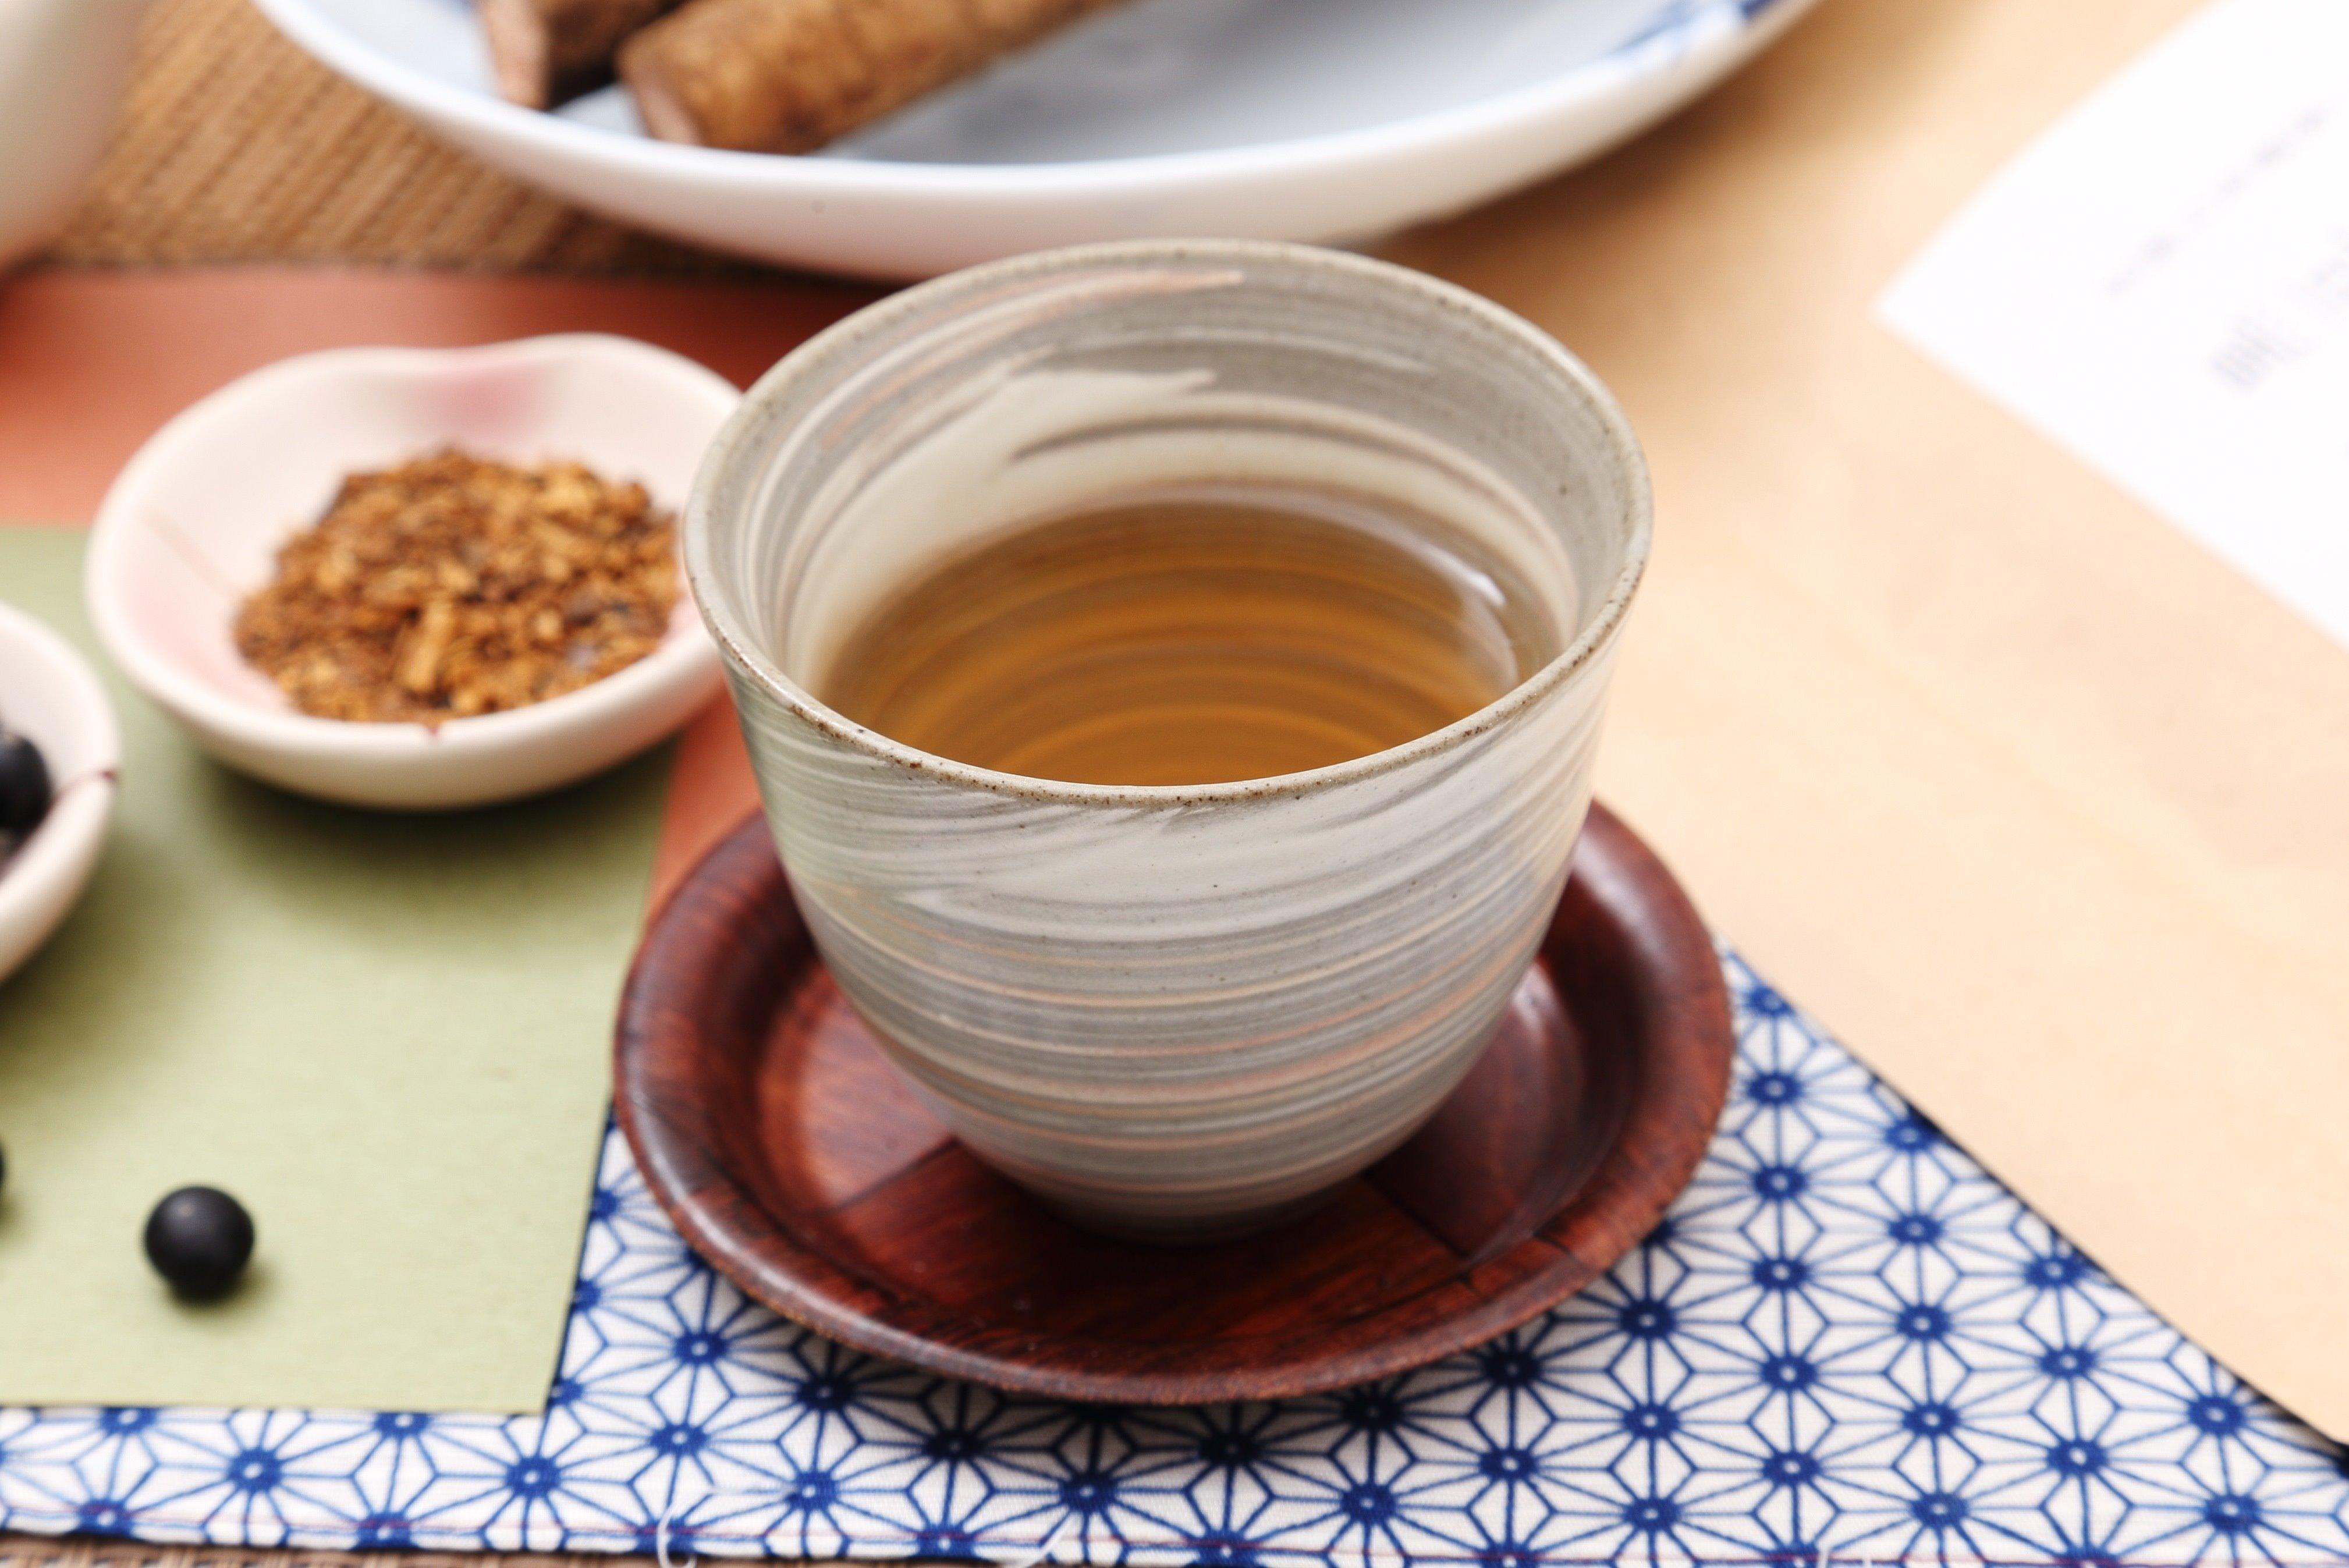 黒豆ごぼう茶 国産 2.5g x100包 ( 50包 x2袋 )九州産ごぼう 北海道産黒豆 深蒸し 遠赤焙煎 有機JAS工場製造 送料無料